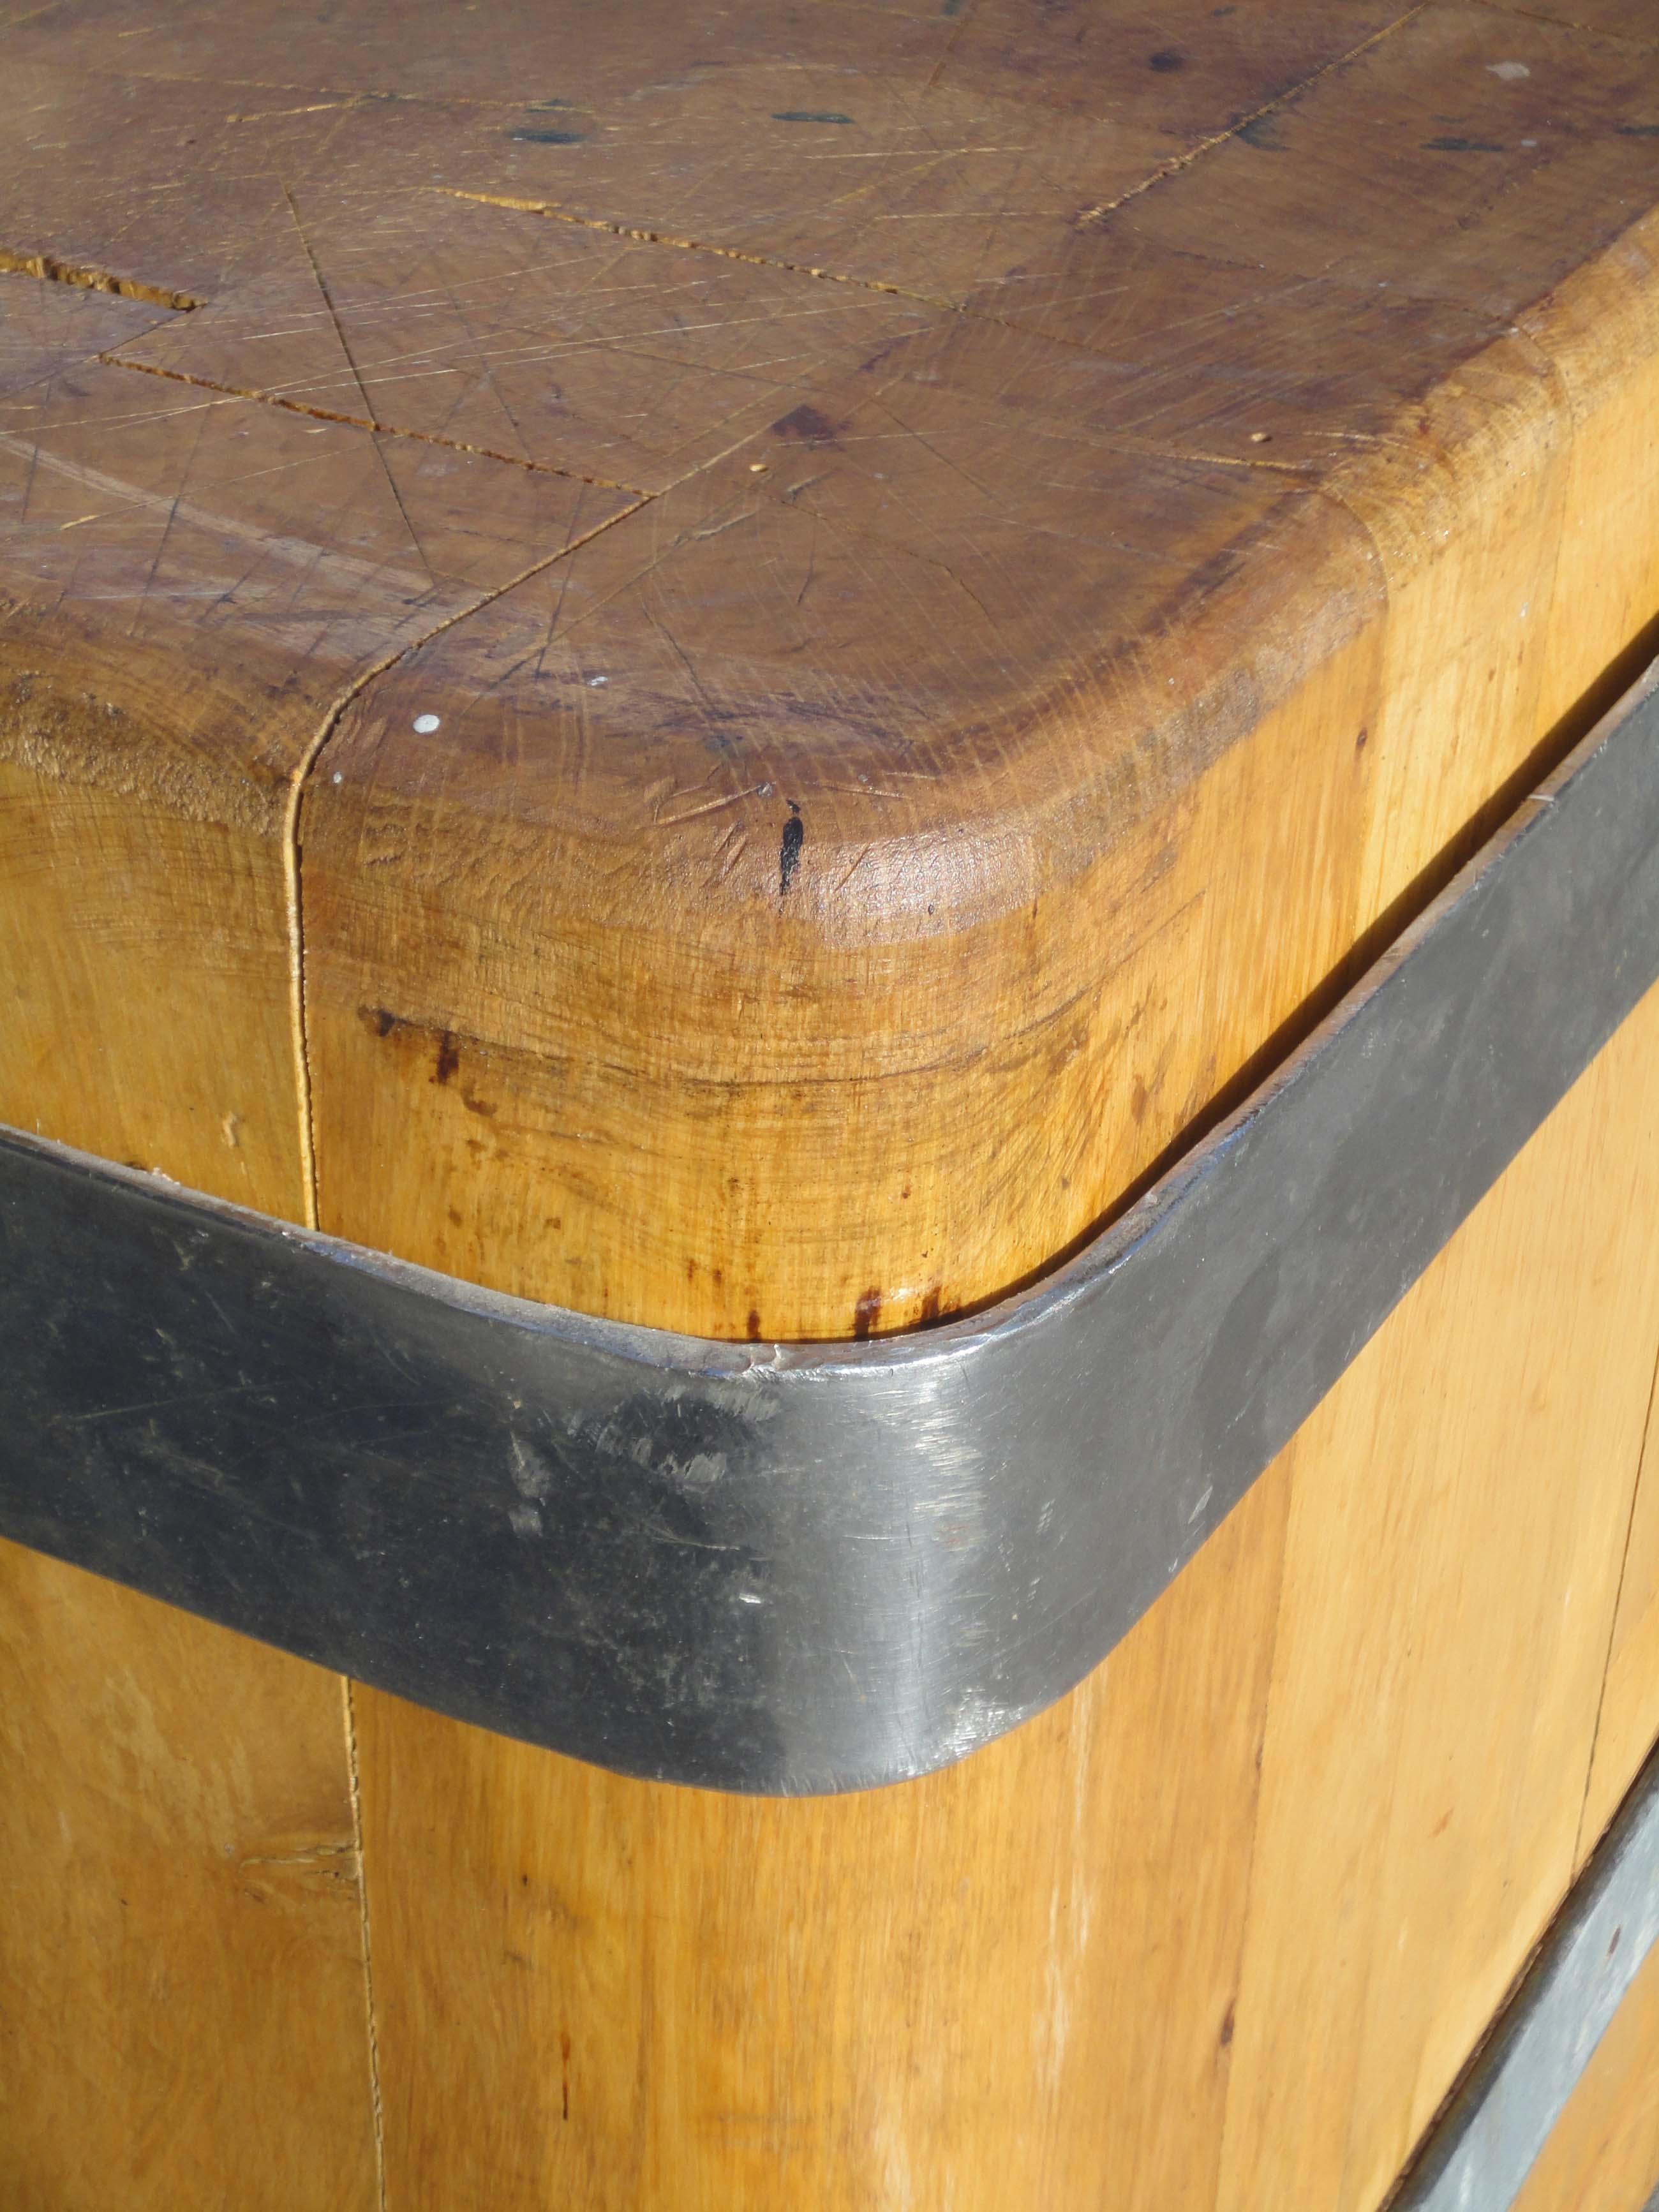 construire un sauna construire un sauna chez soi sauna faire soi meme realisations comment. Black Bedroom Furniture Sets. Home Design Ideas